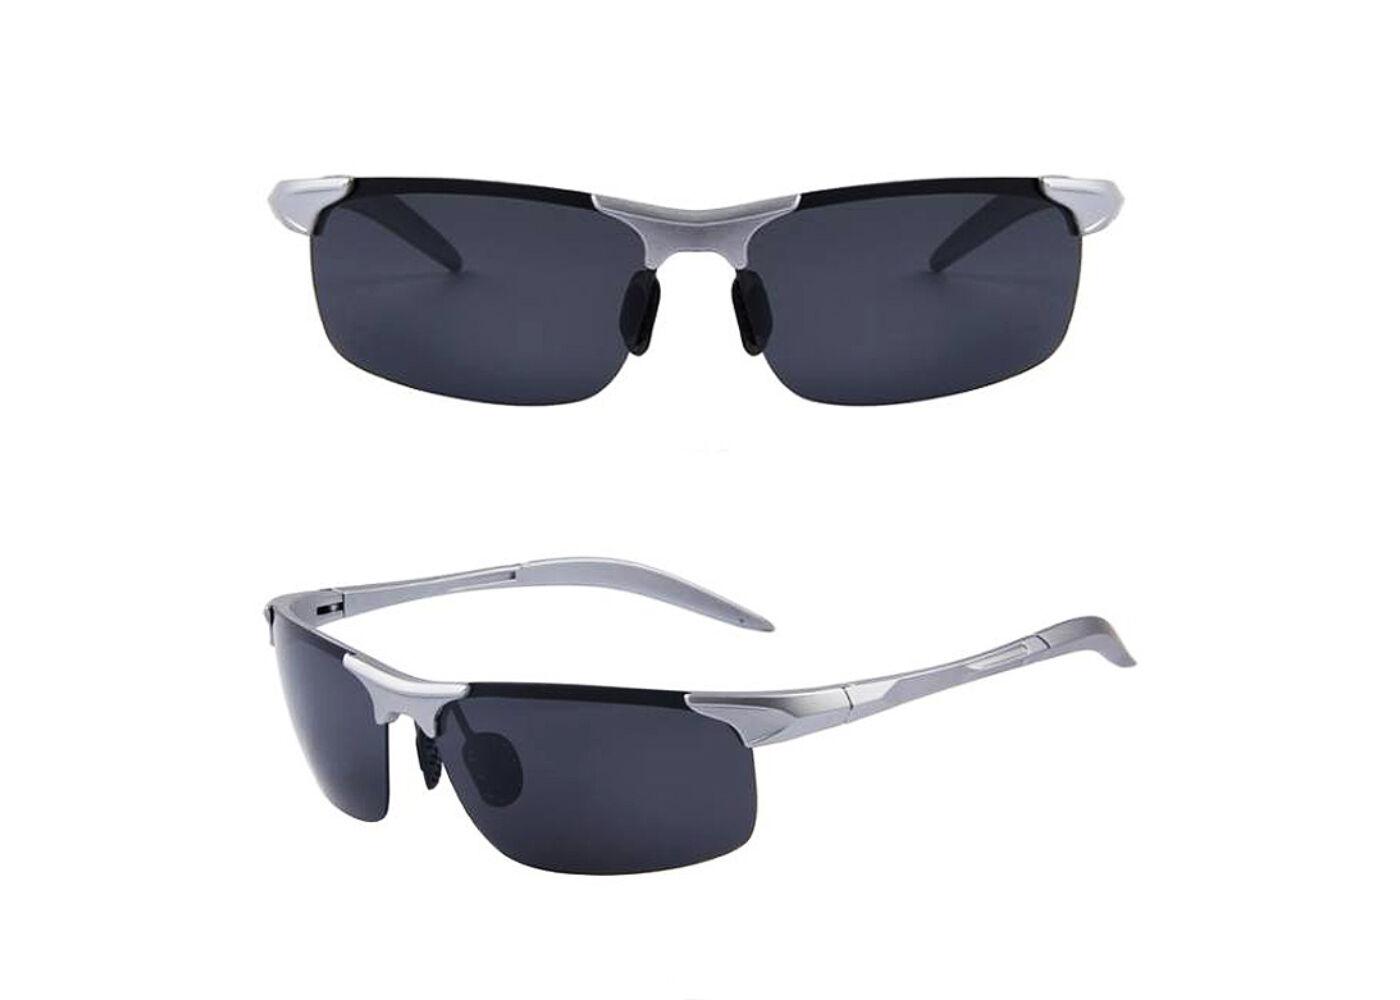 MERRY S ezüstkeretes polarizált férfi napszemüveg 98a596cf5d